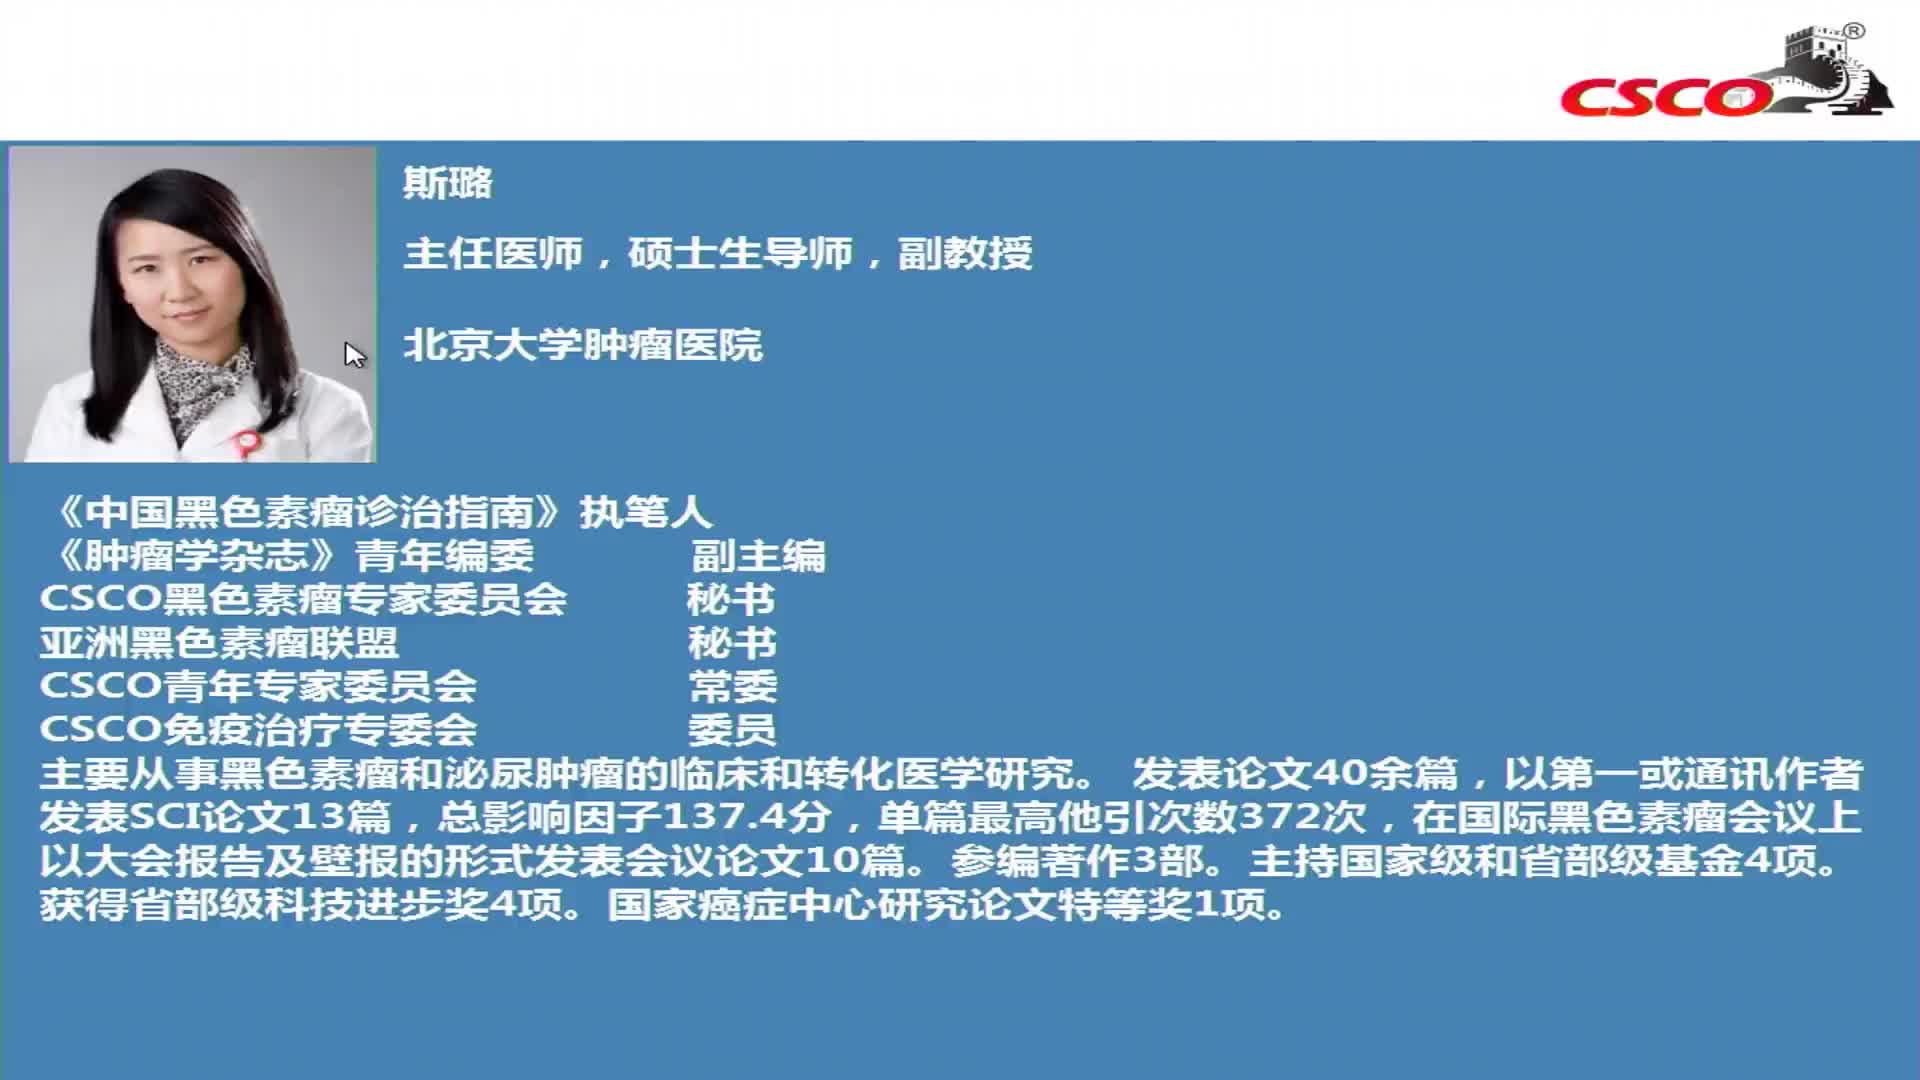 中国肿瘤免疫治疗临床试验经验